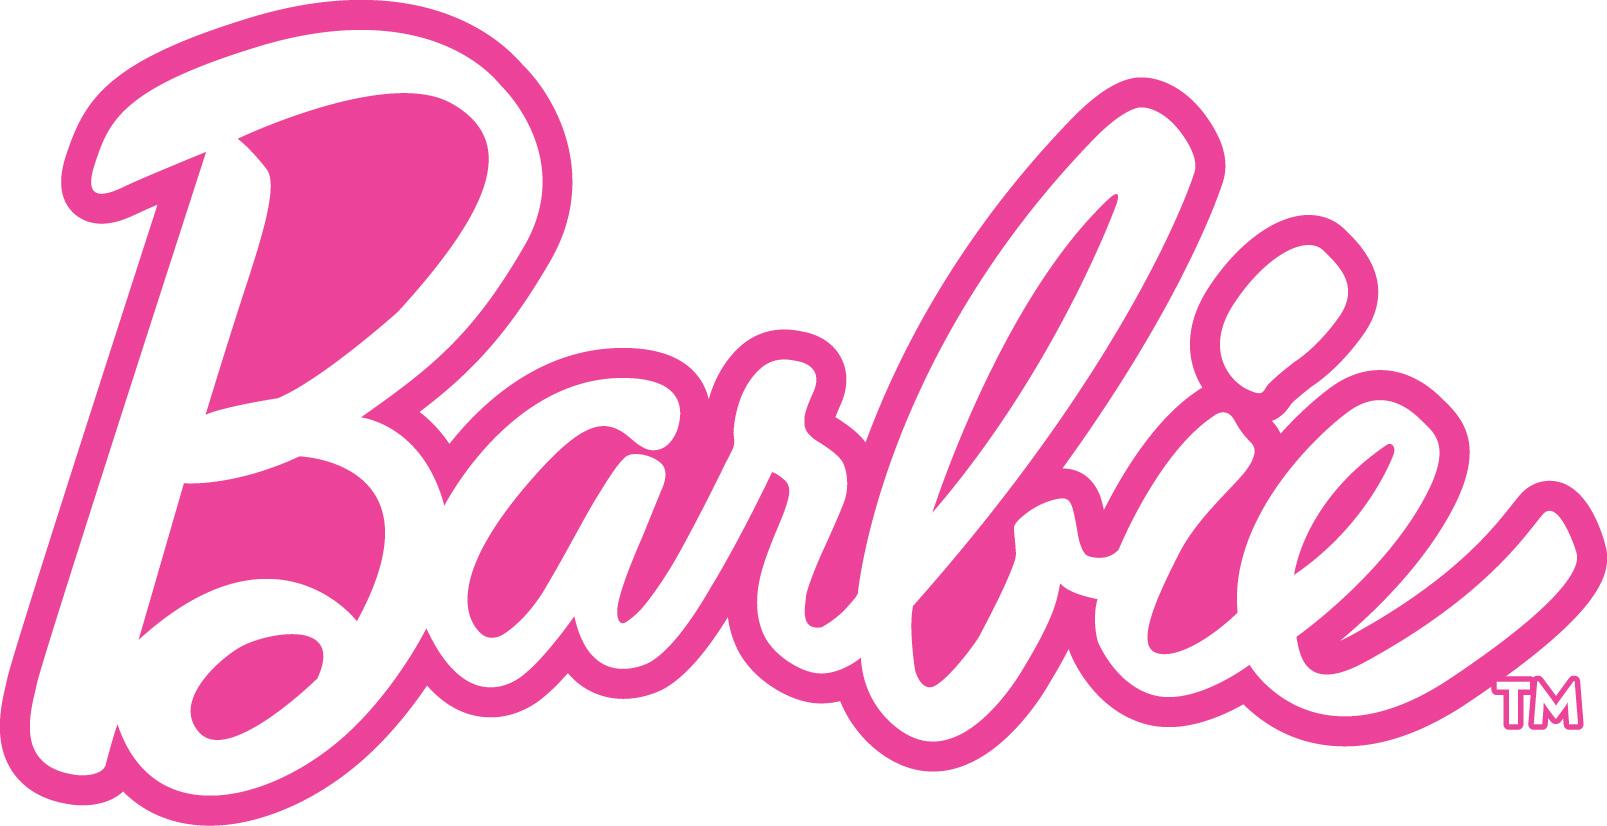 image barbie logo jpg logopedia fandom powered by wikia rh logos wikia com barbie doll logo font barbie logo font download